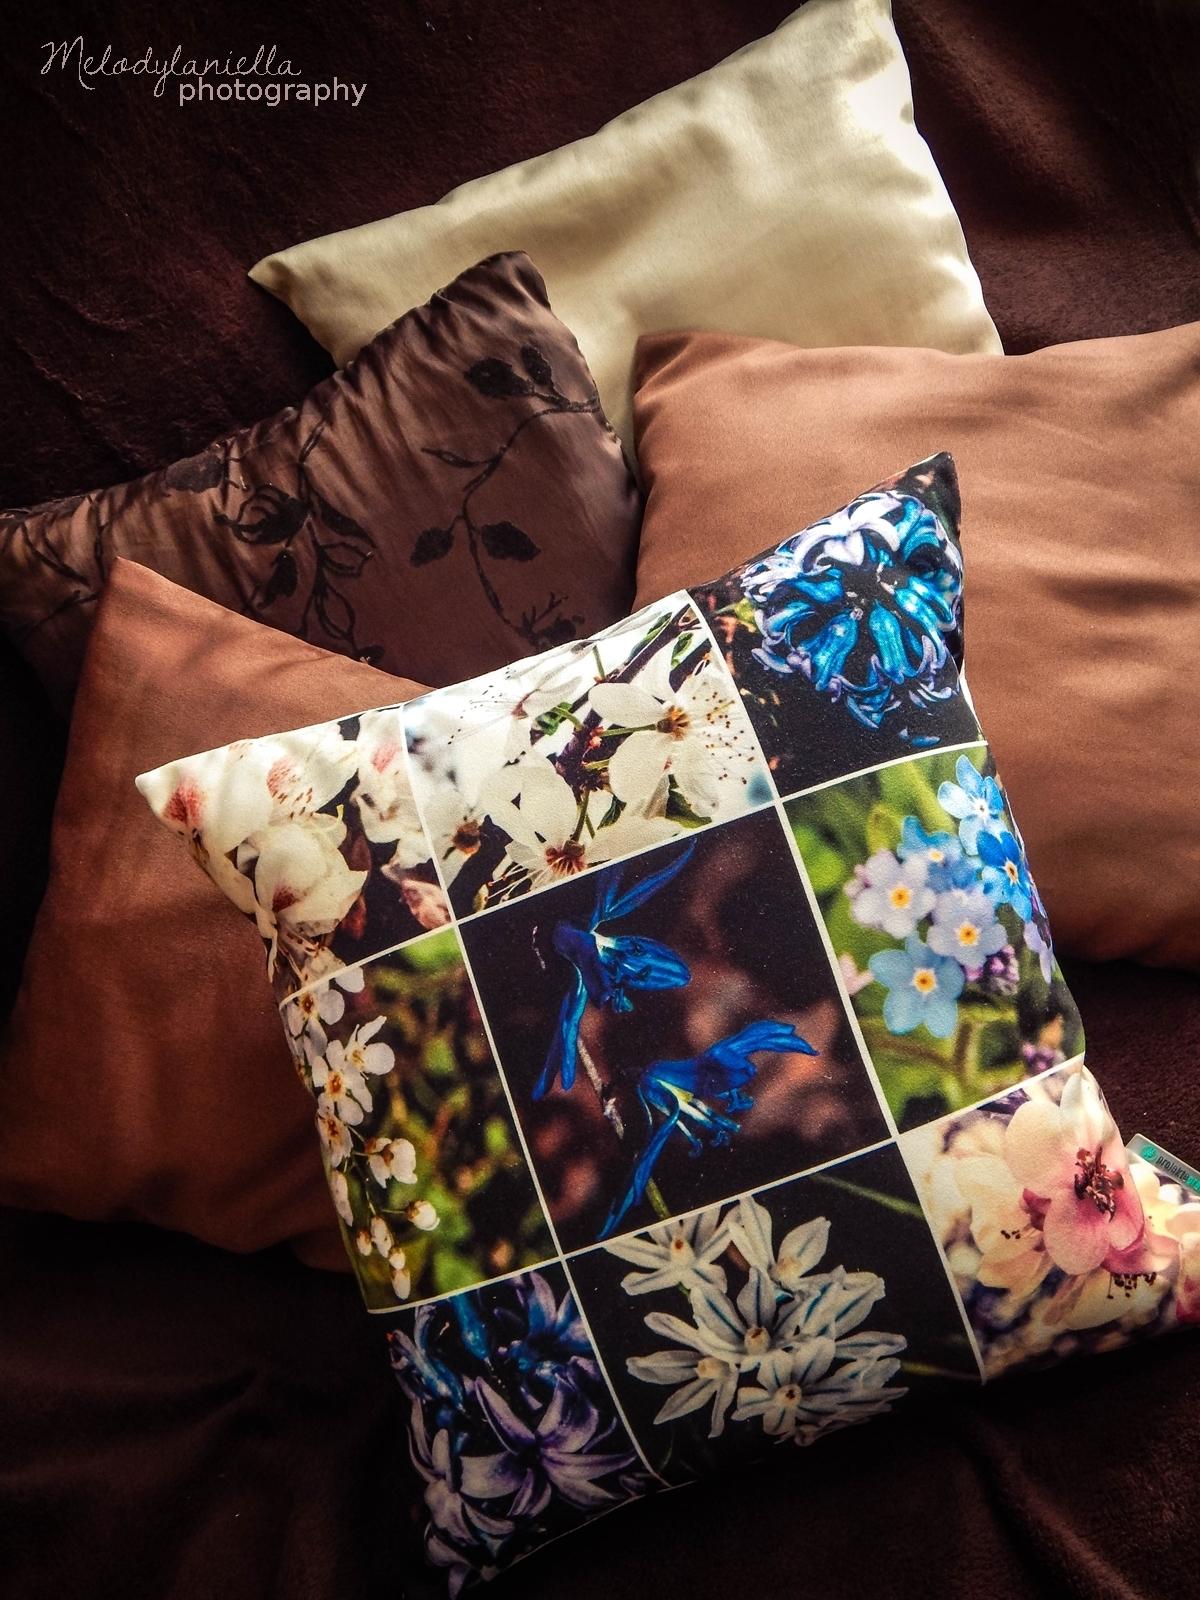 projektogram poduszka z własnym zdjęciem zaprojektuj swoją poduszkę zdjęcia instagram fotografia prezenty dla fotografów zakochani w zdjeciach wspomnienia z wakacji na poduszcze pillow photos aplikacja prezent